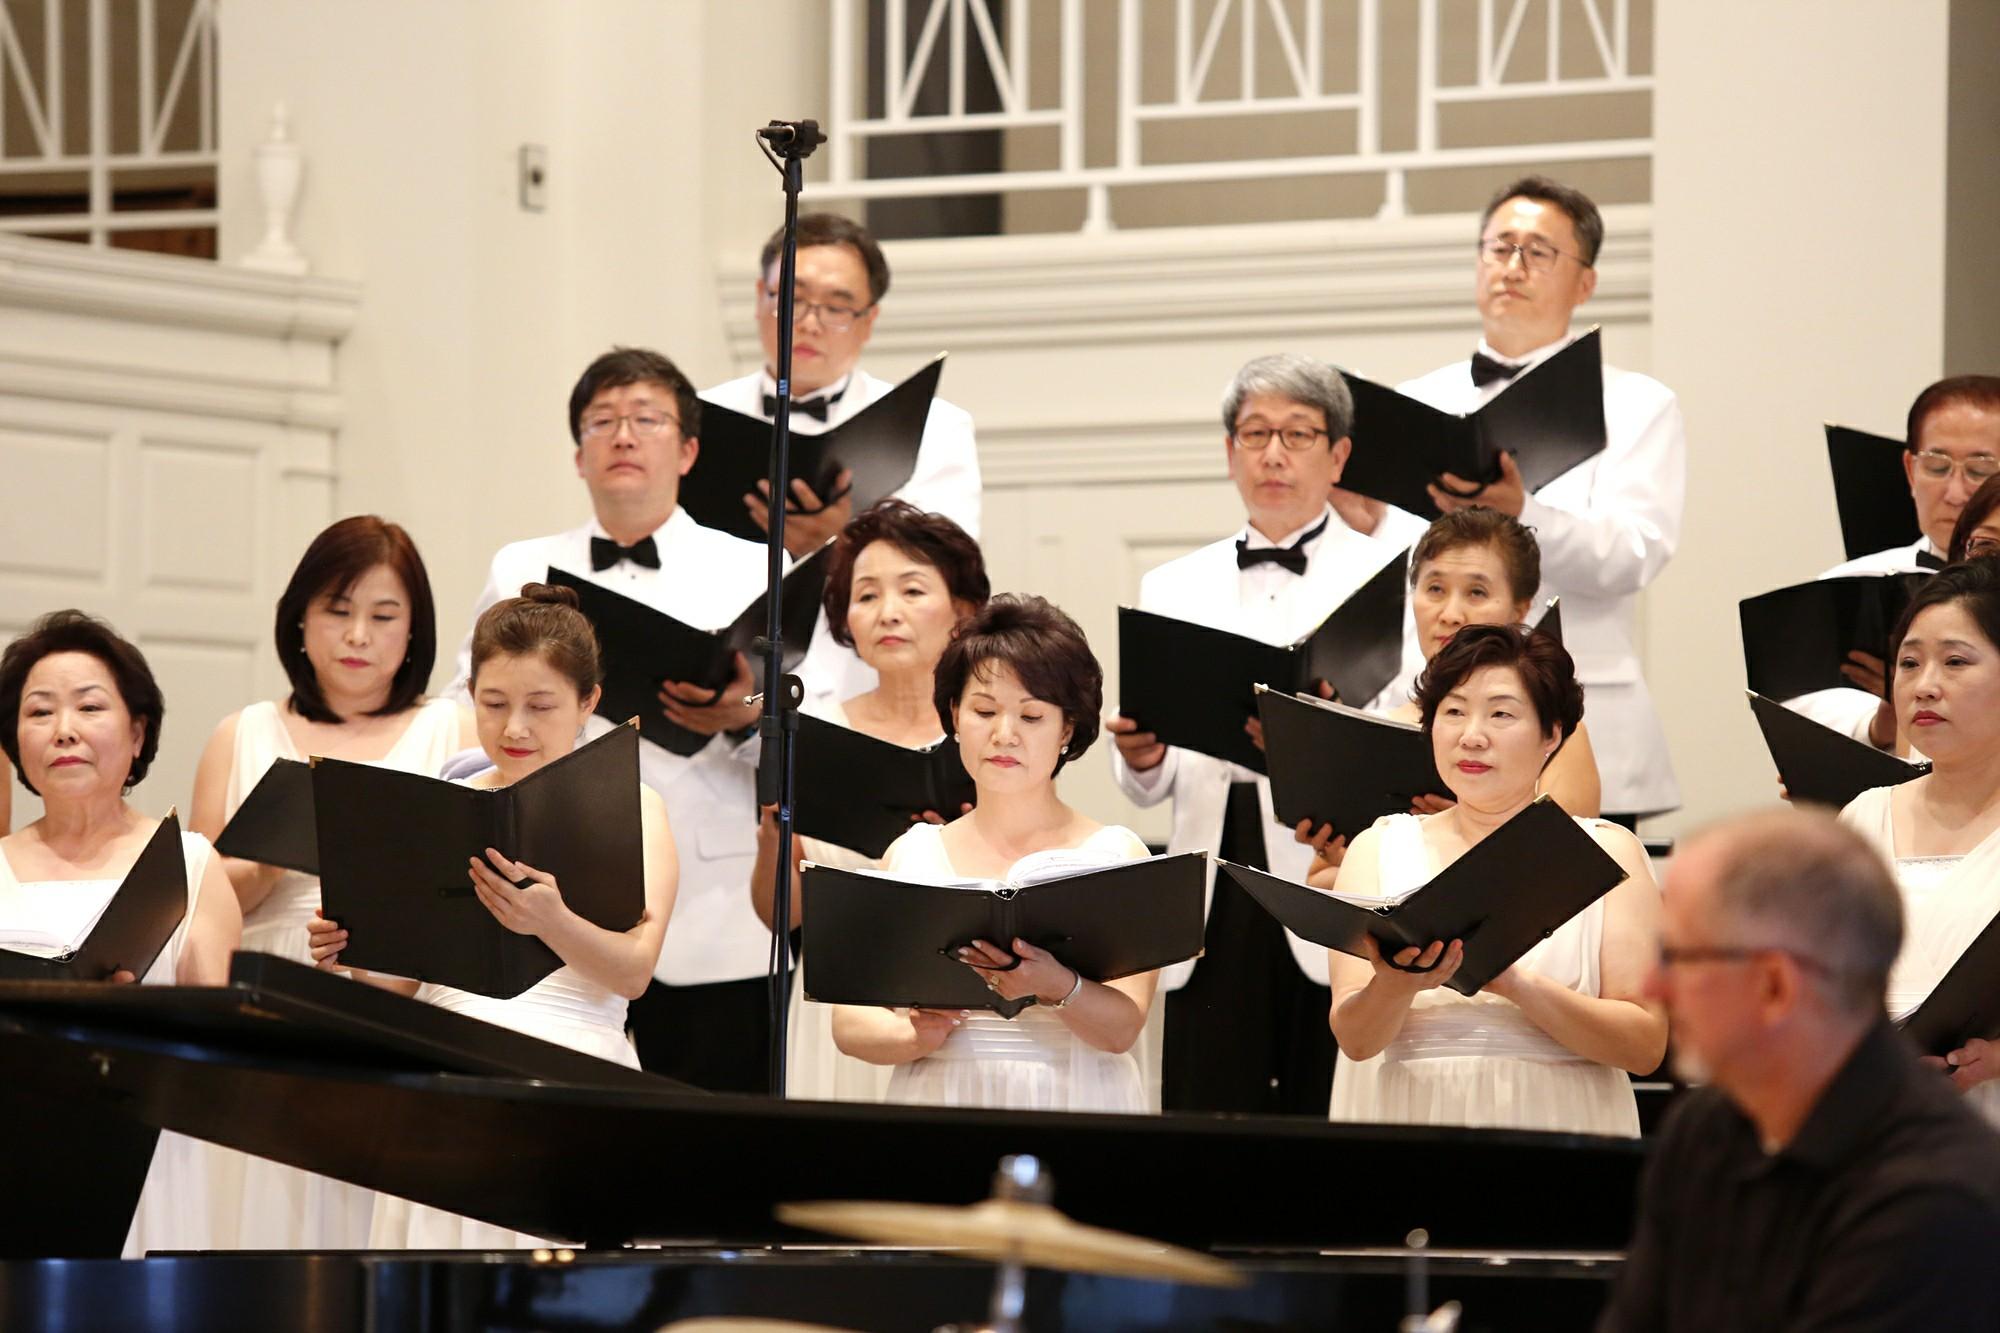 한국의 혼 연주회 단원 사진1.jpg